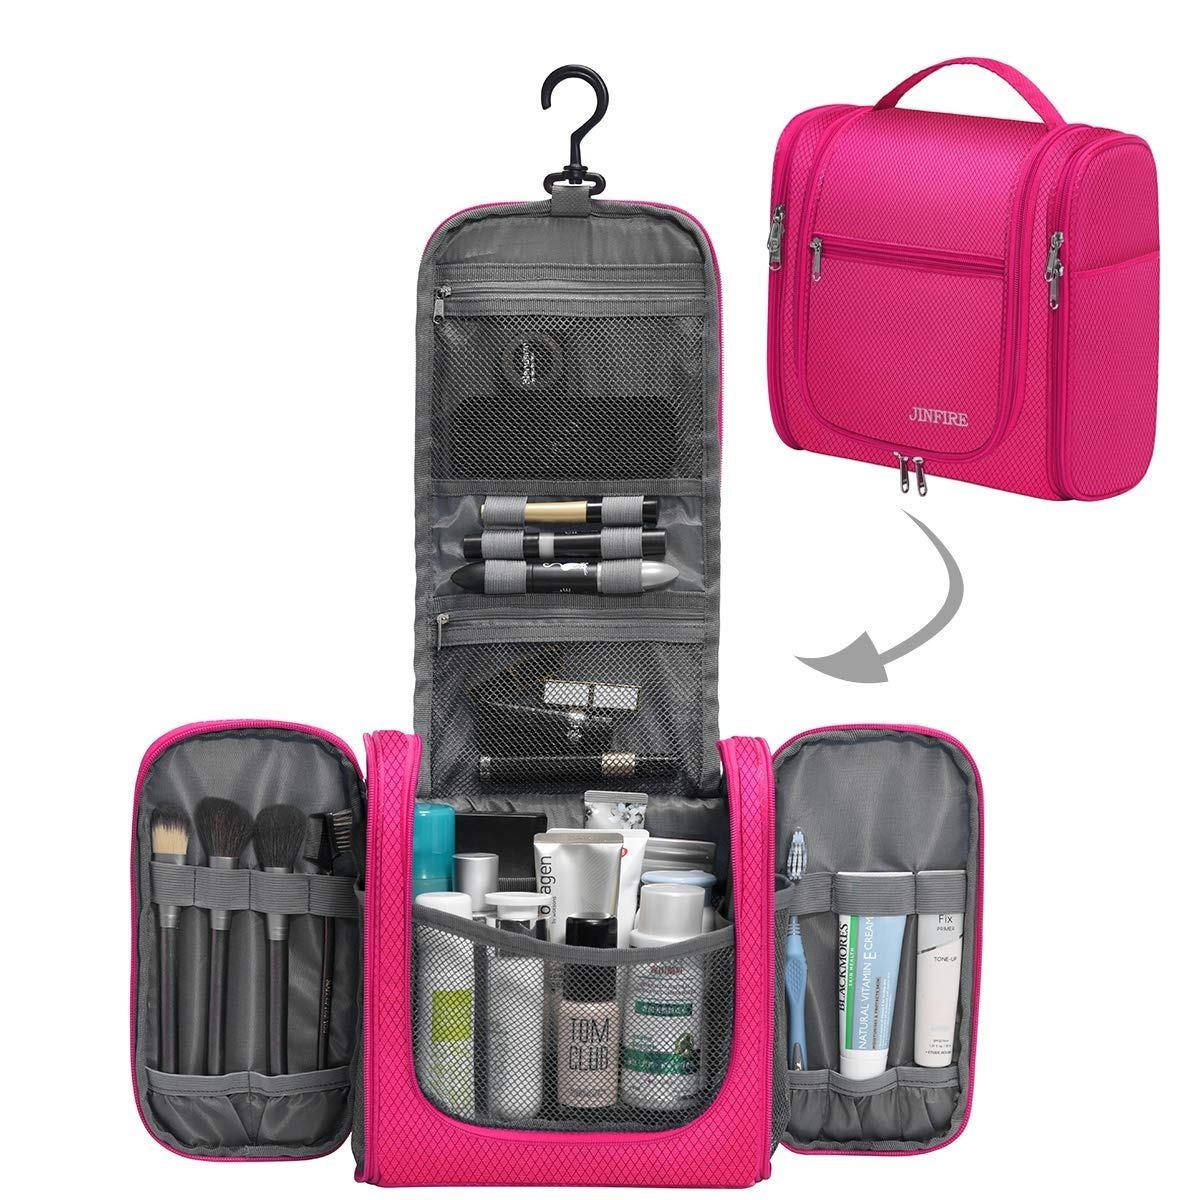 c41f4be93 neceser organizador bolsa viaje colgante impermeable rosa ms. Cargando zoom.